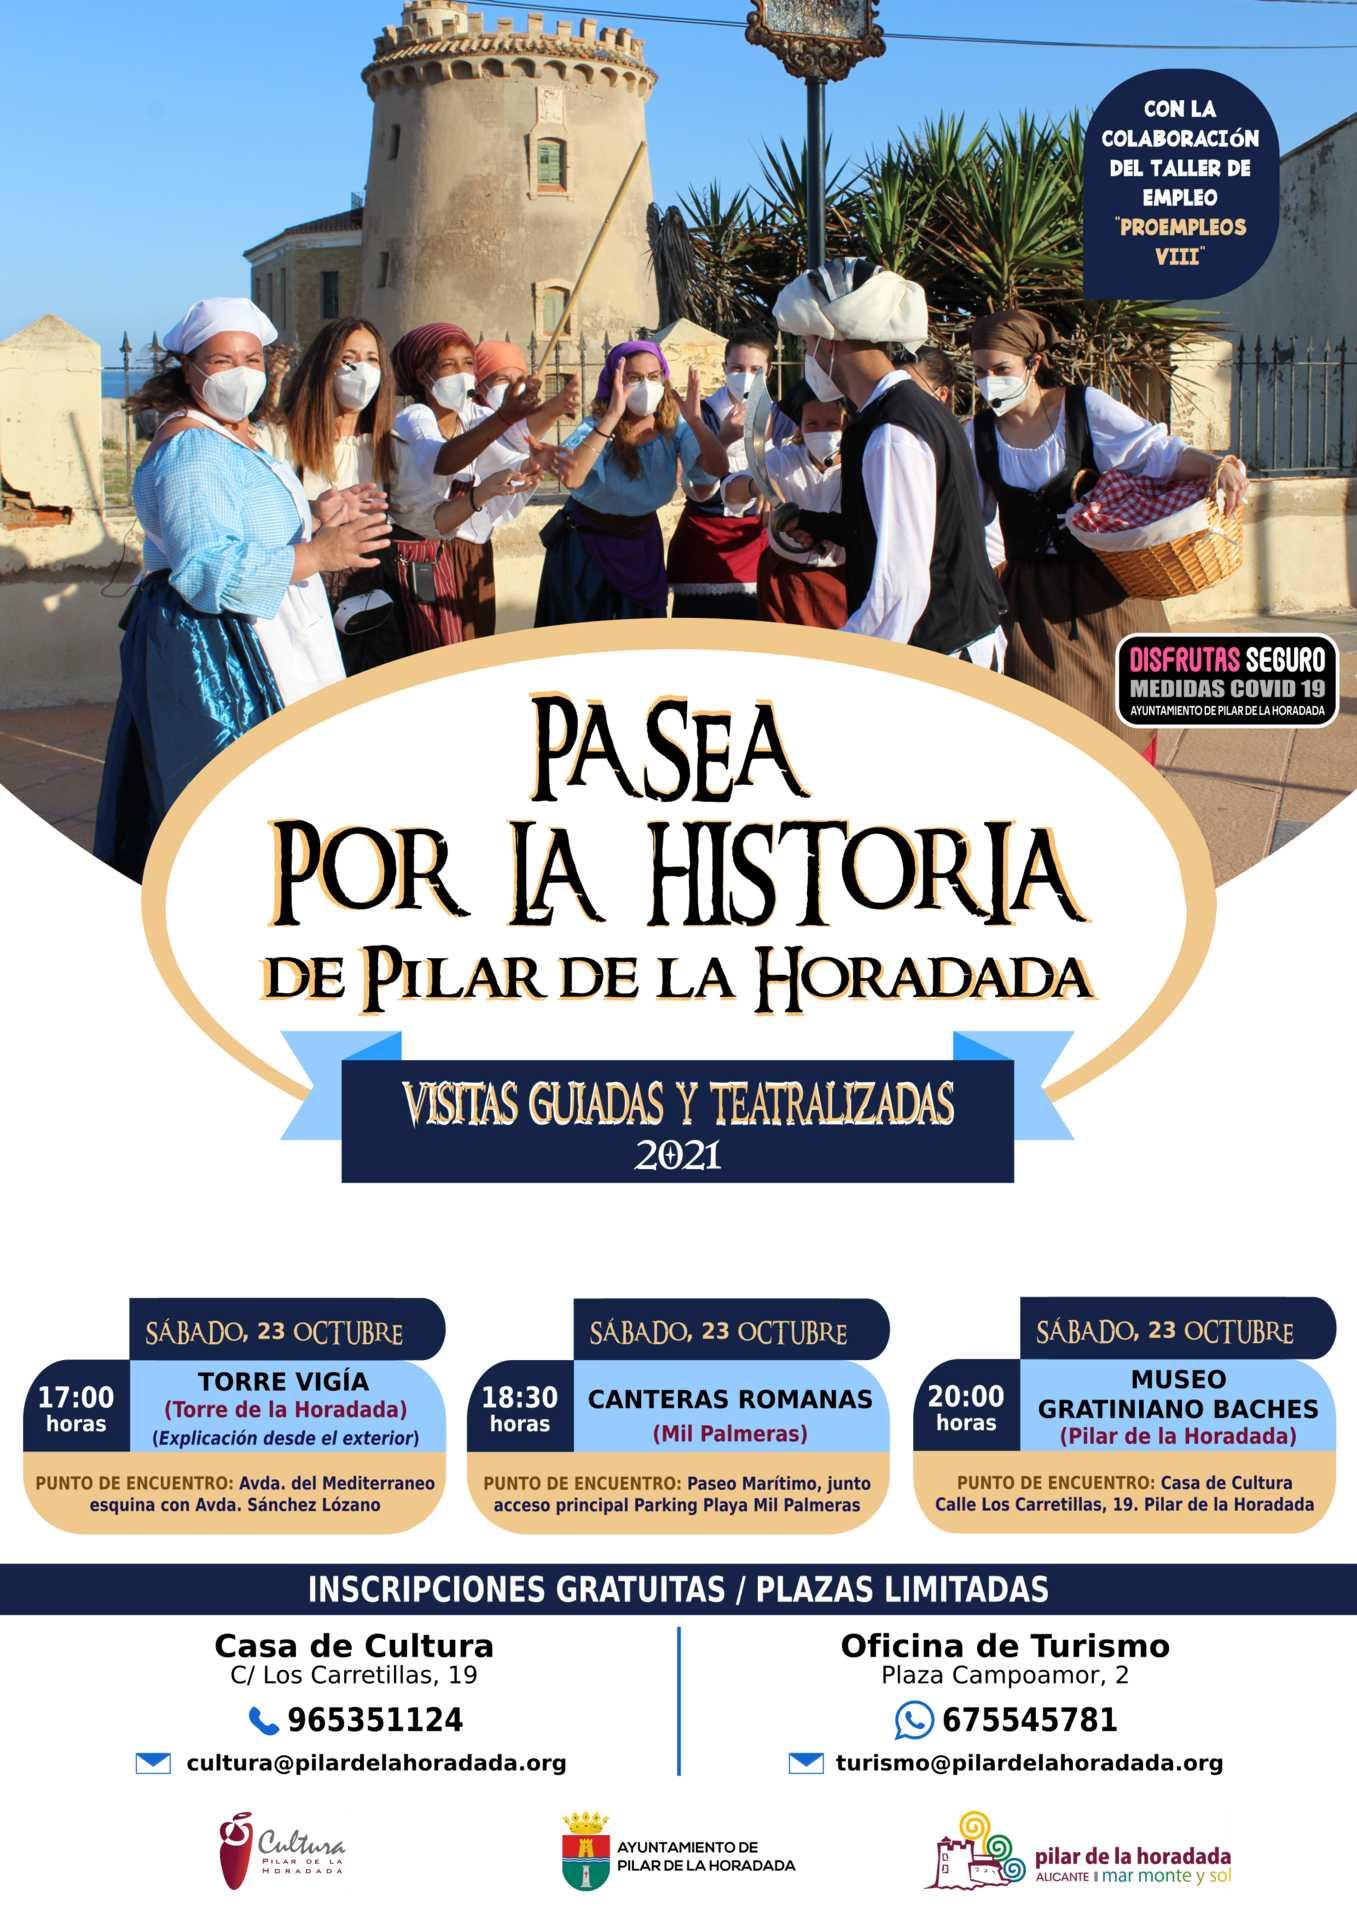 PASEA POR LA HISTORIA DE PILAR DE LA HORADADA. VISITAS GUIADAS Y TEATRALIZADAS